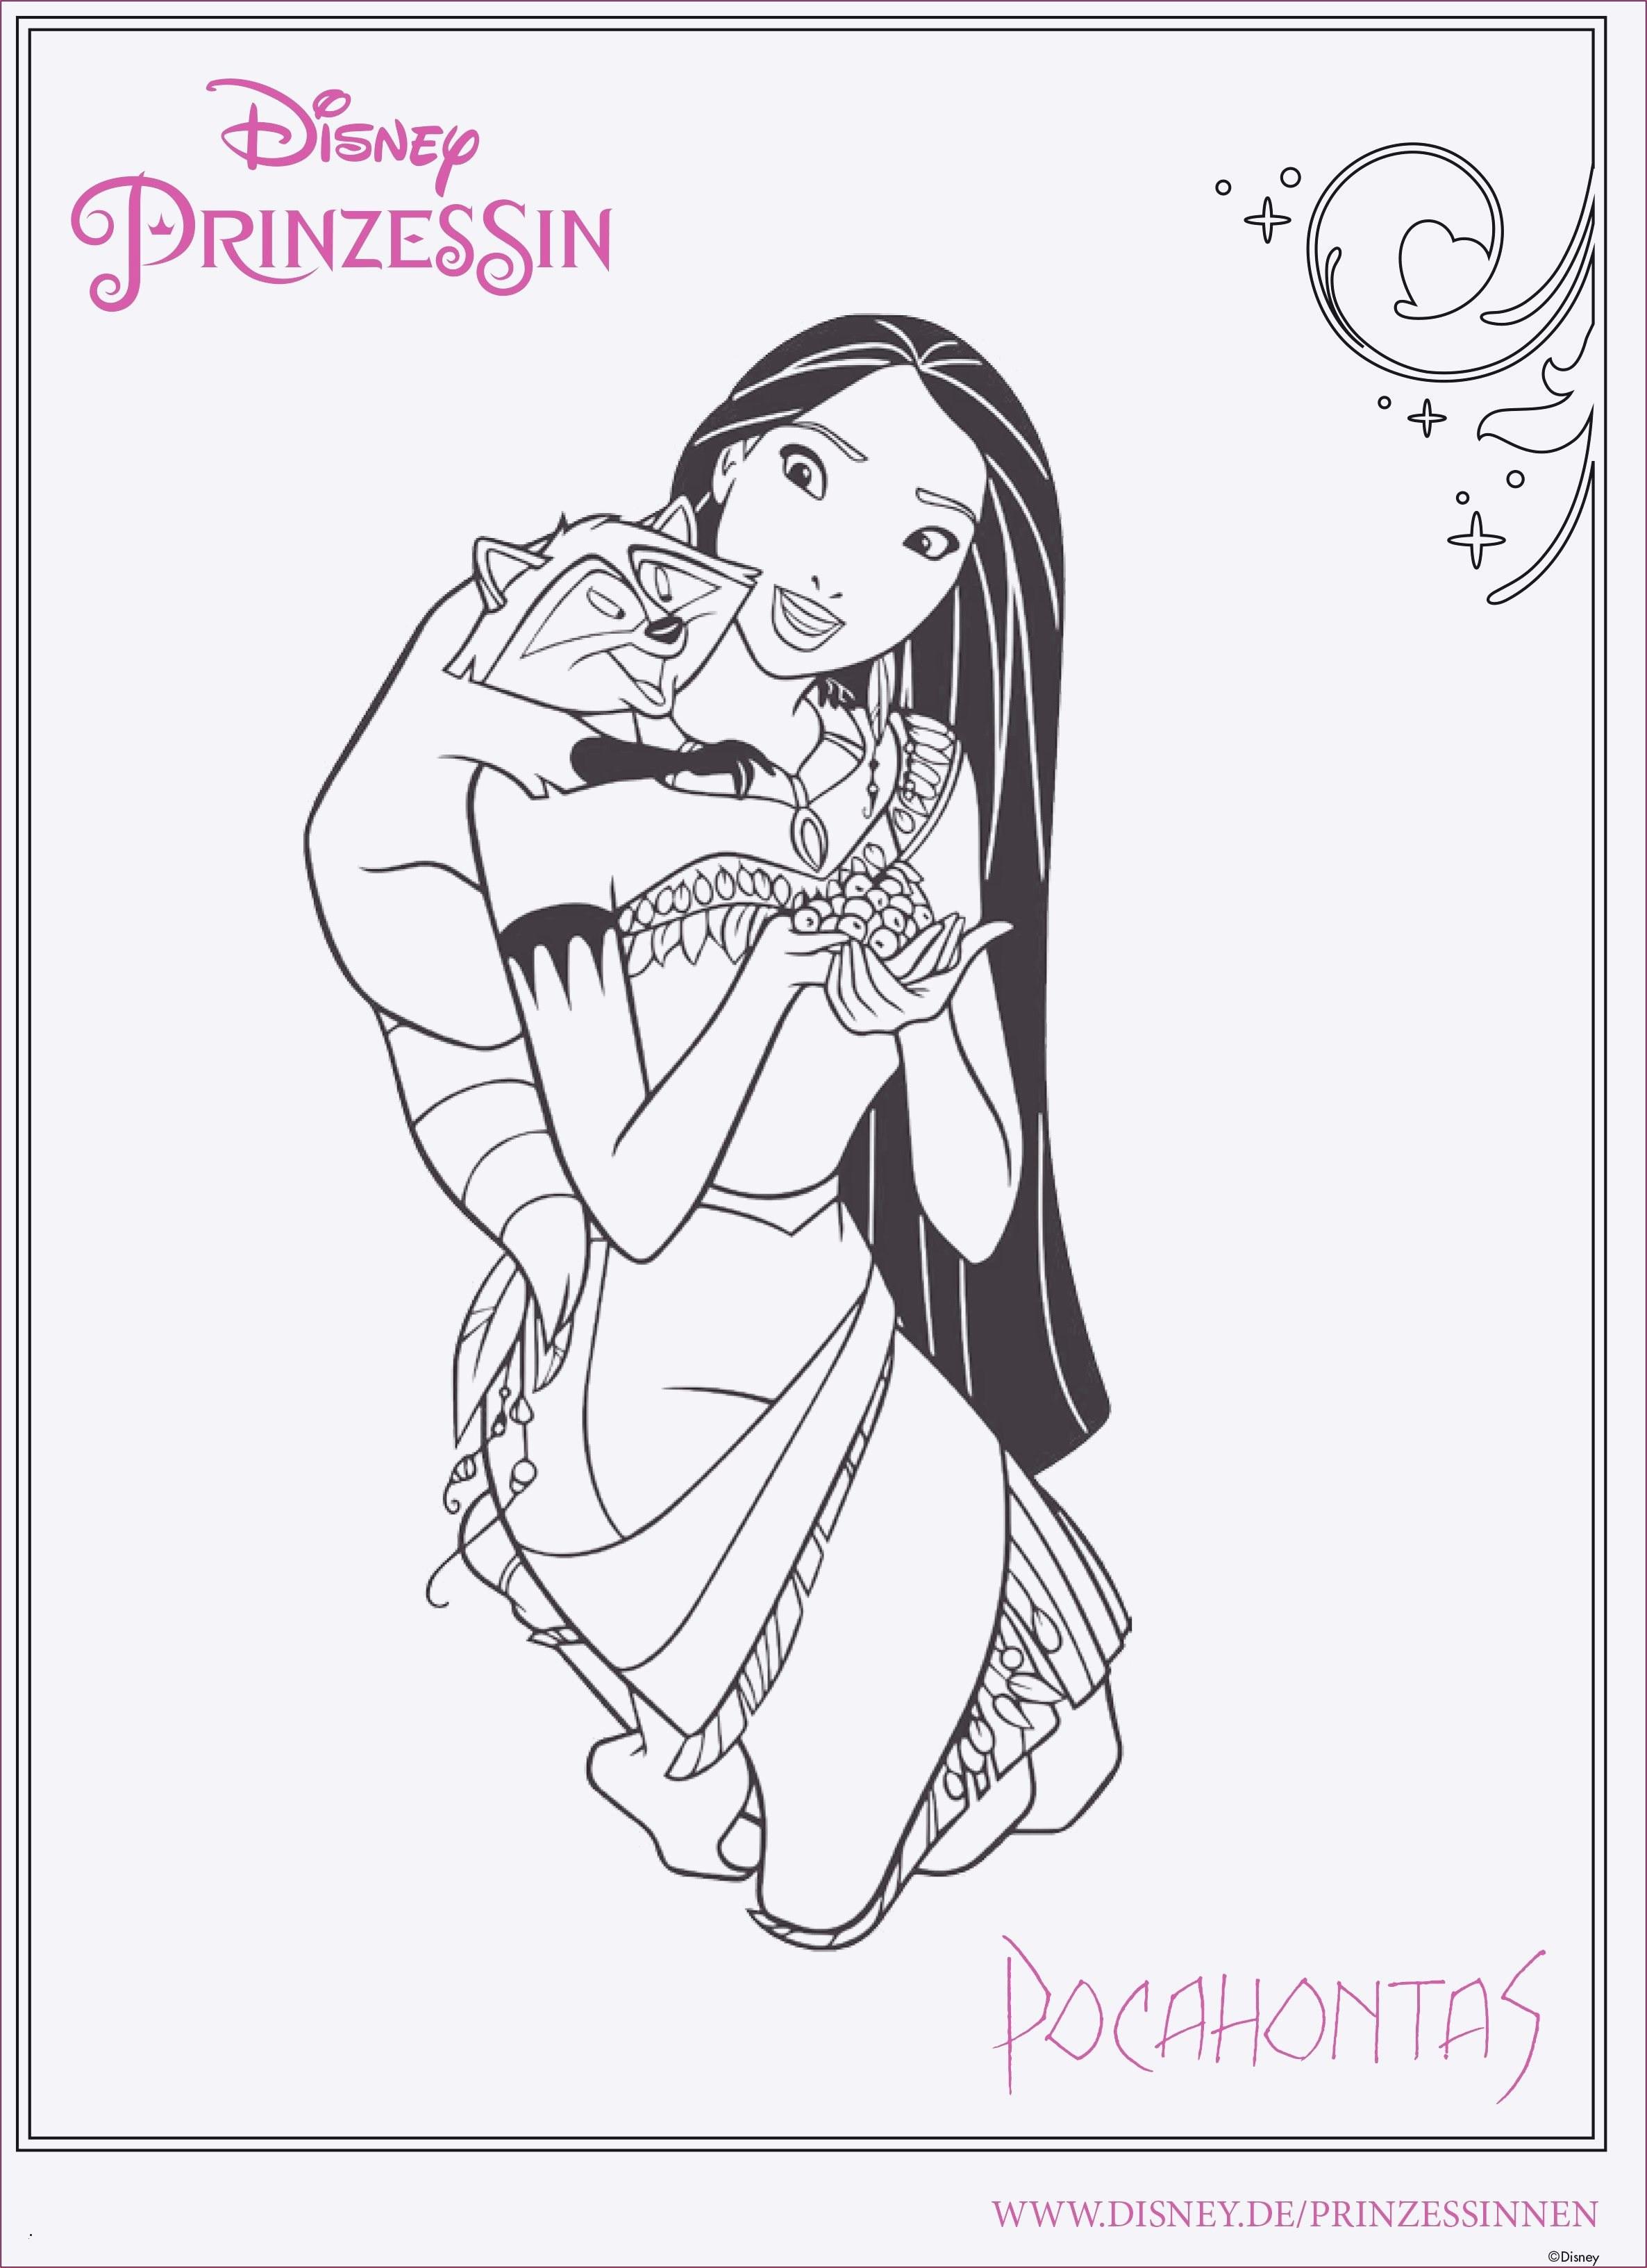 Ausmalbilder Disney Prinzessinnen Das Beste Von 40 Das Konzept Von Disney Princess Ausmalbilder Treehouse Nyc Bild